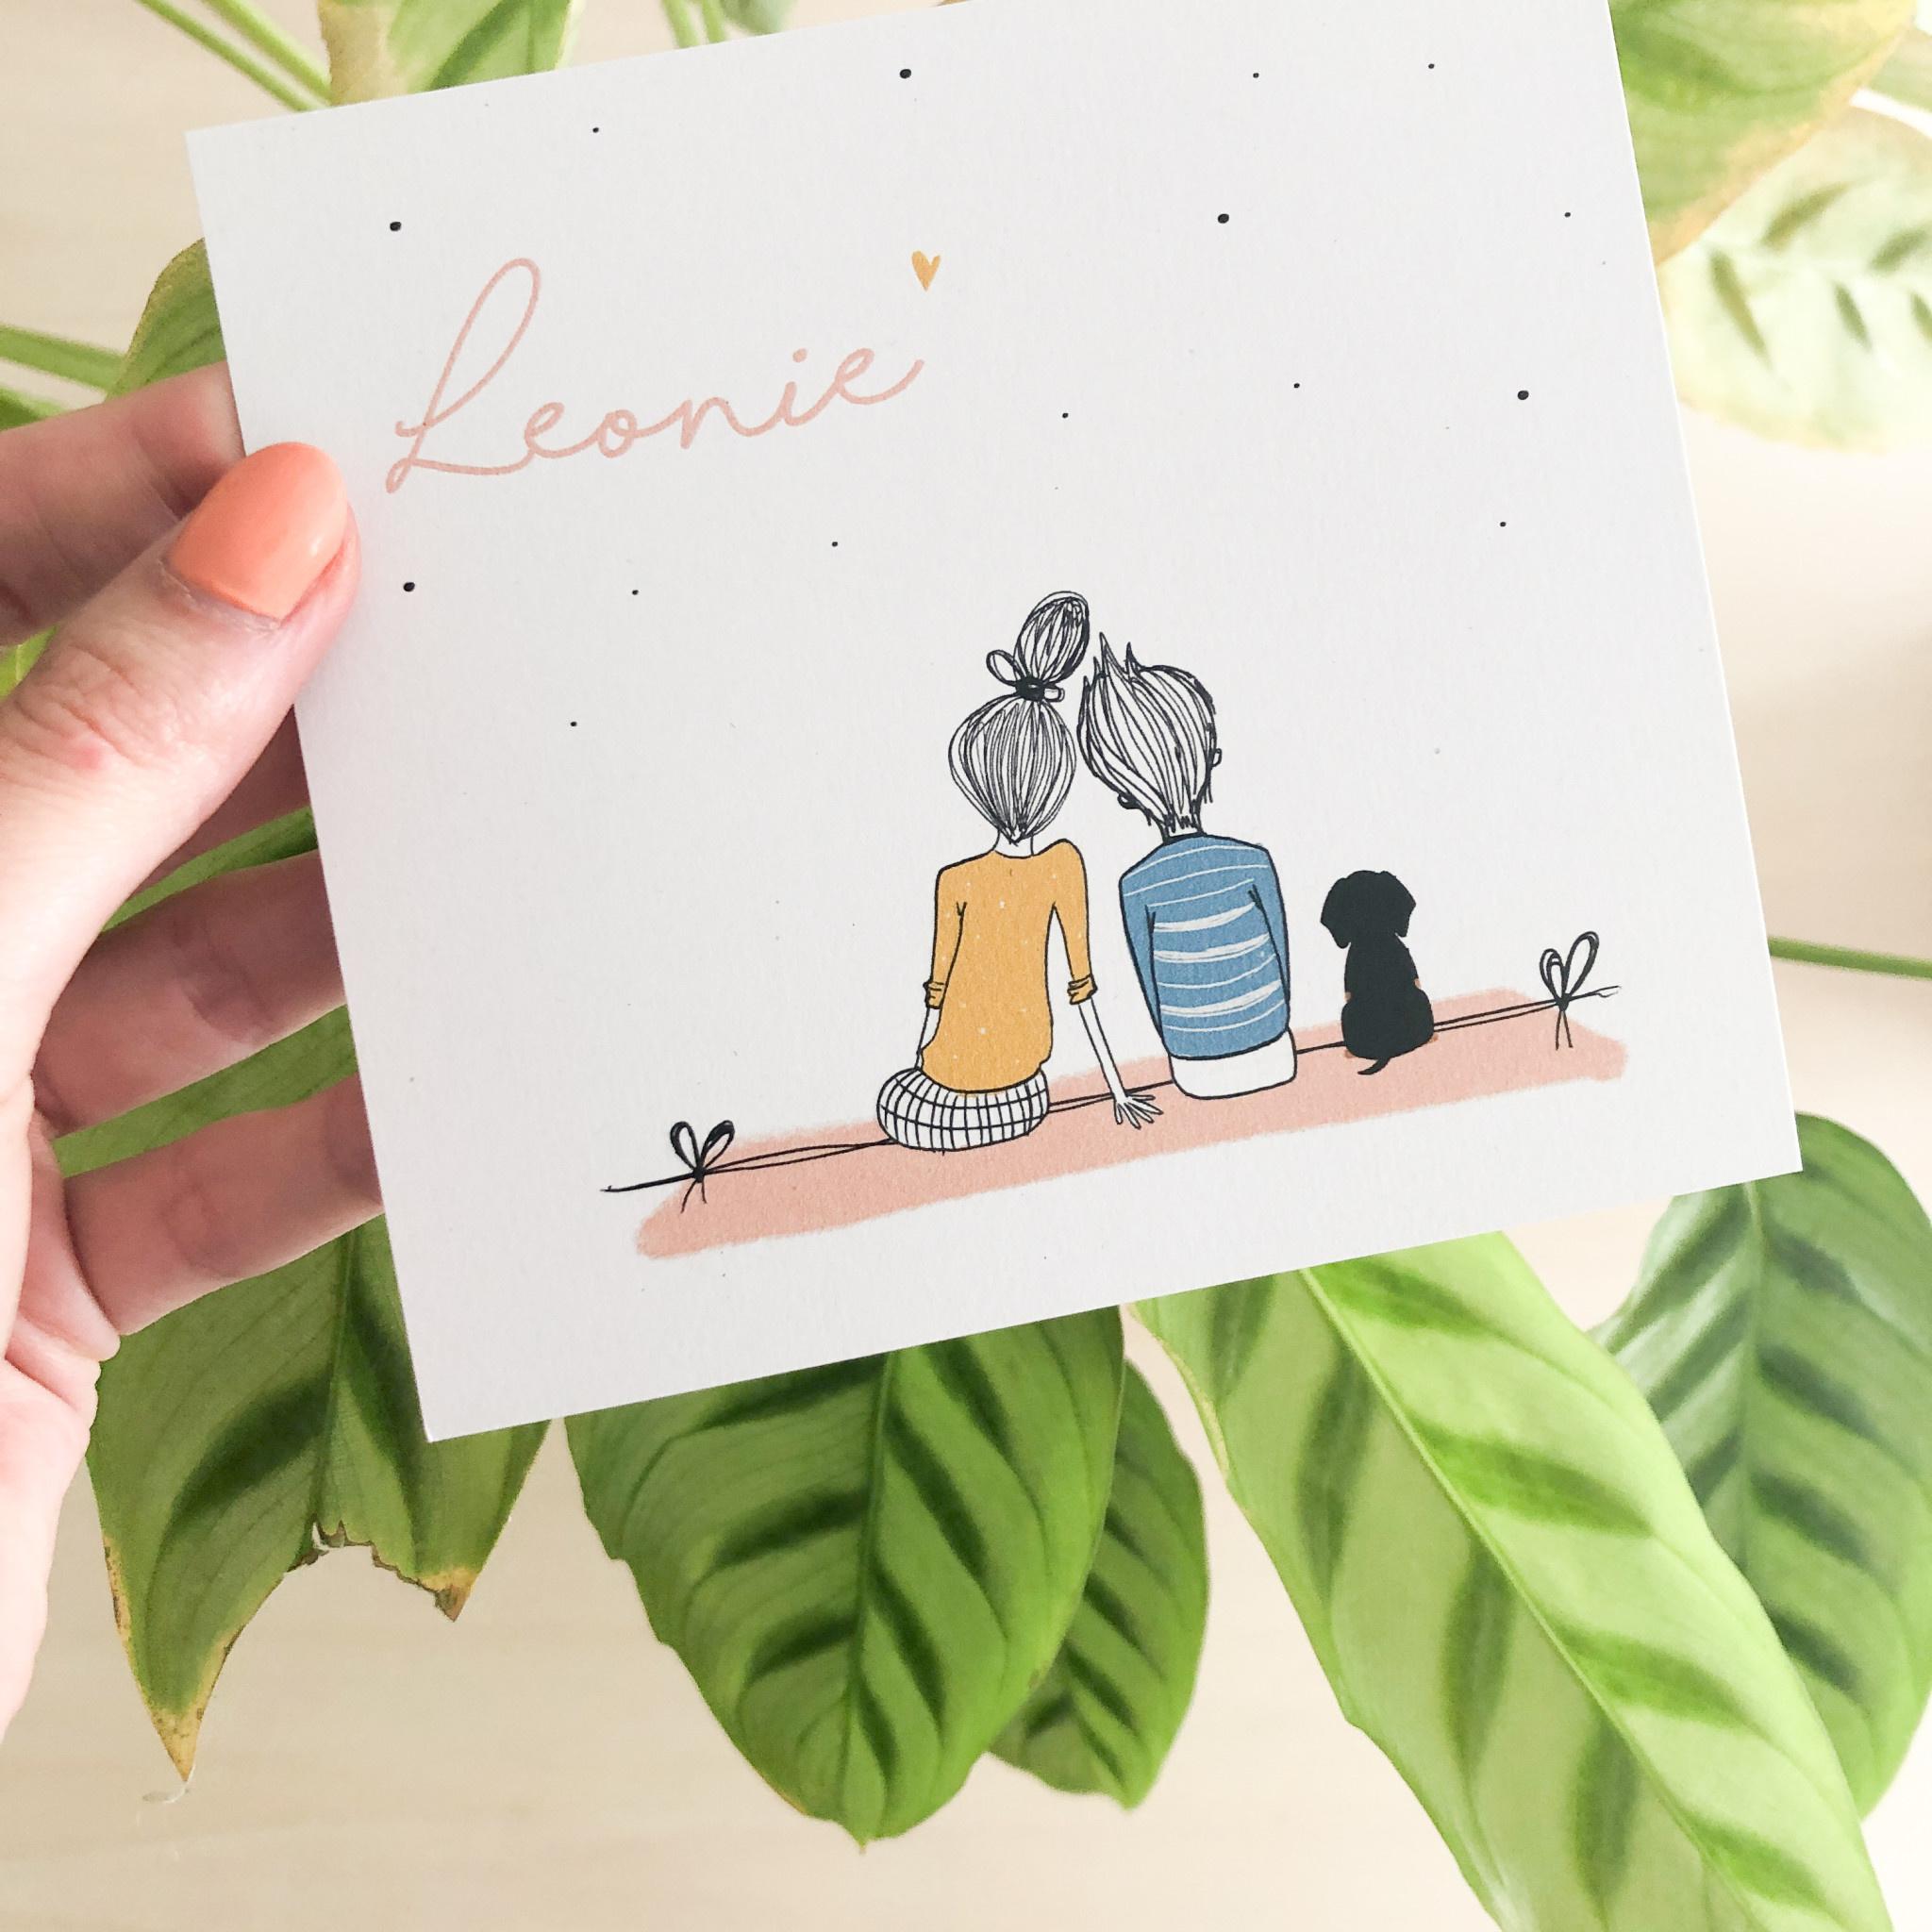 geboren 07-24 Leonie